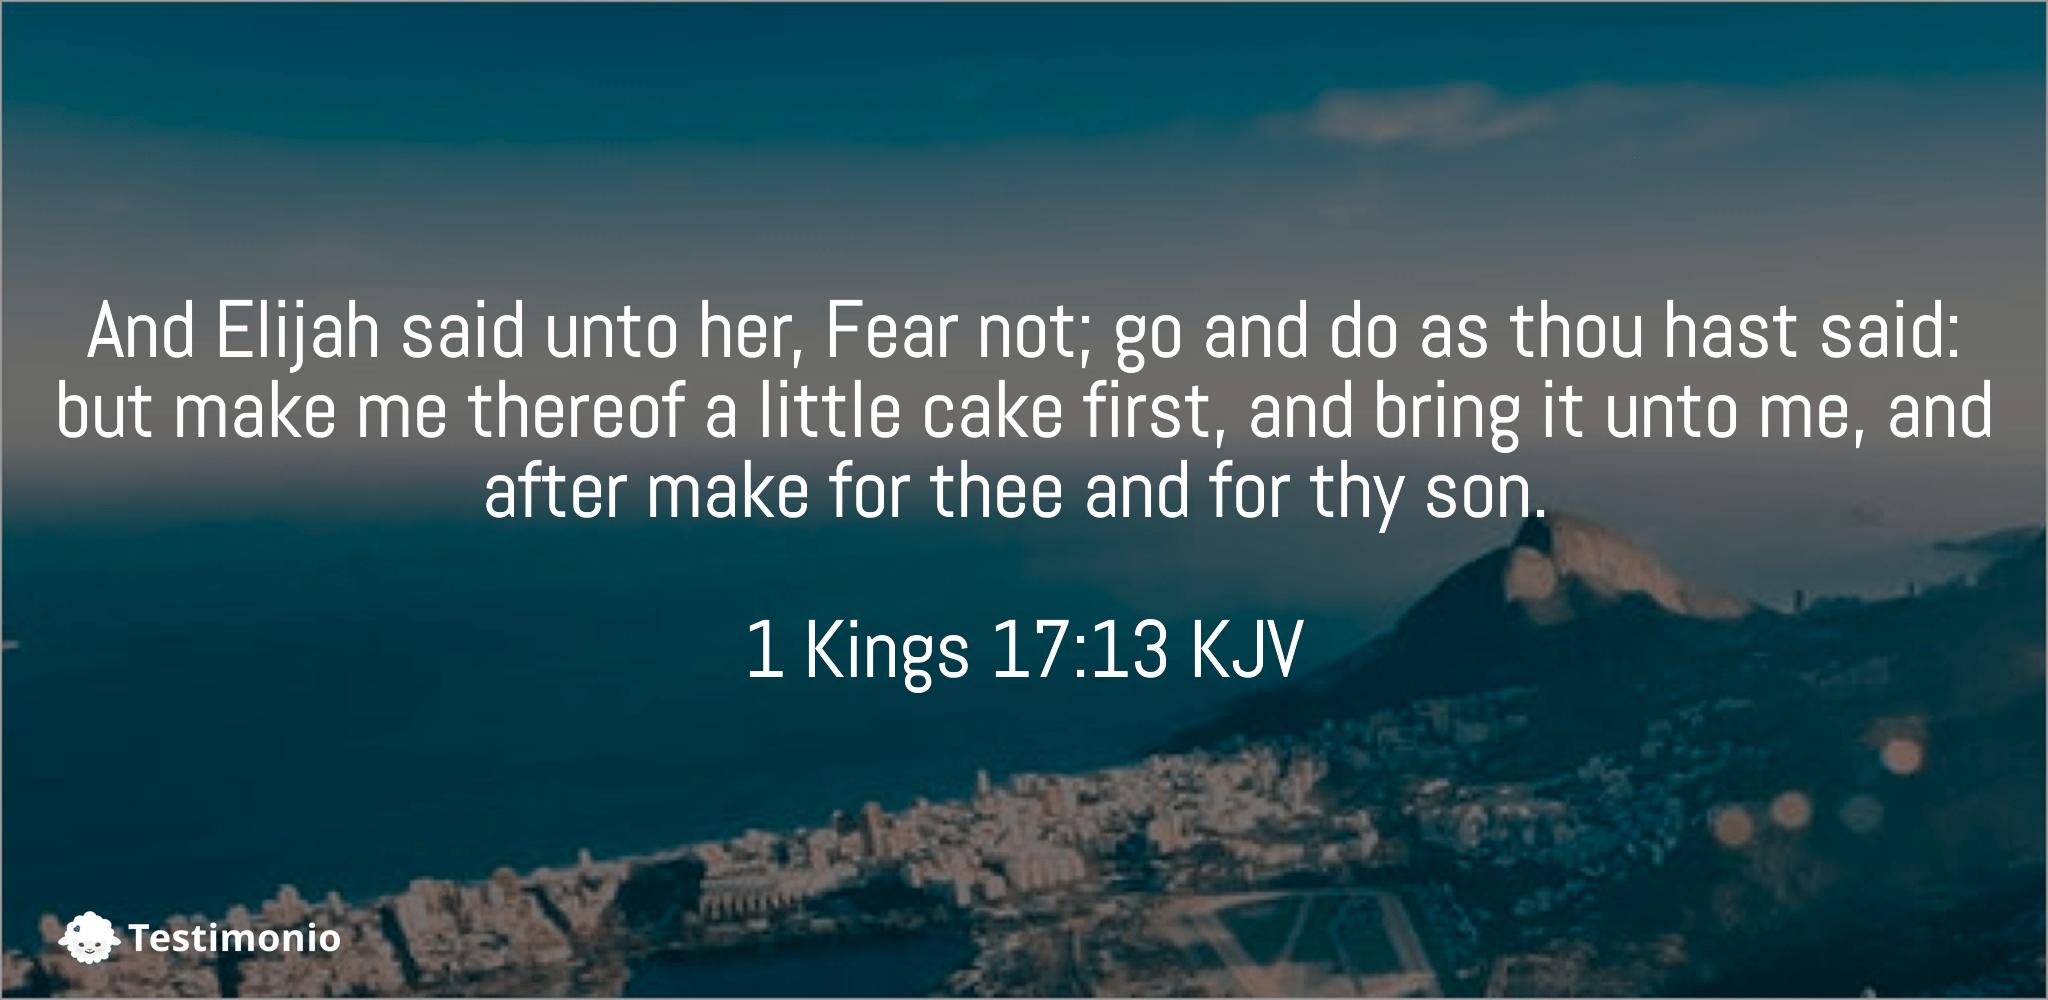 1 Kings 17:13